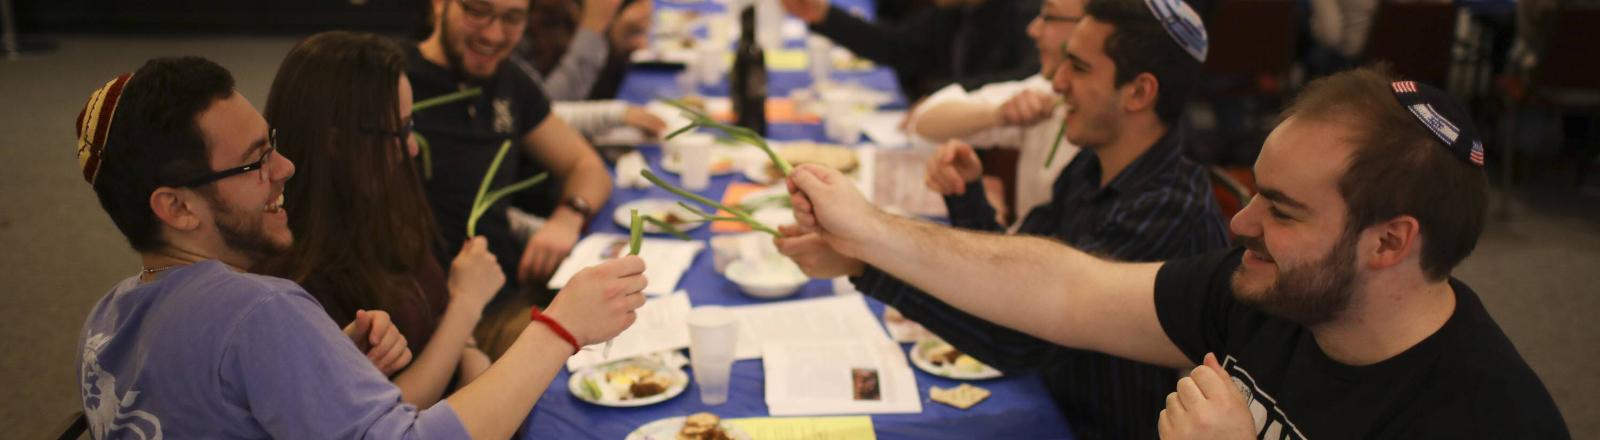 Junge Juden bei einem Pessach-Fest